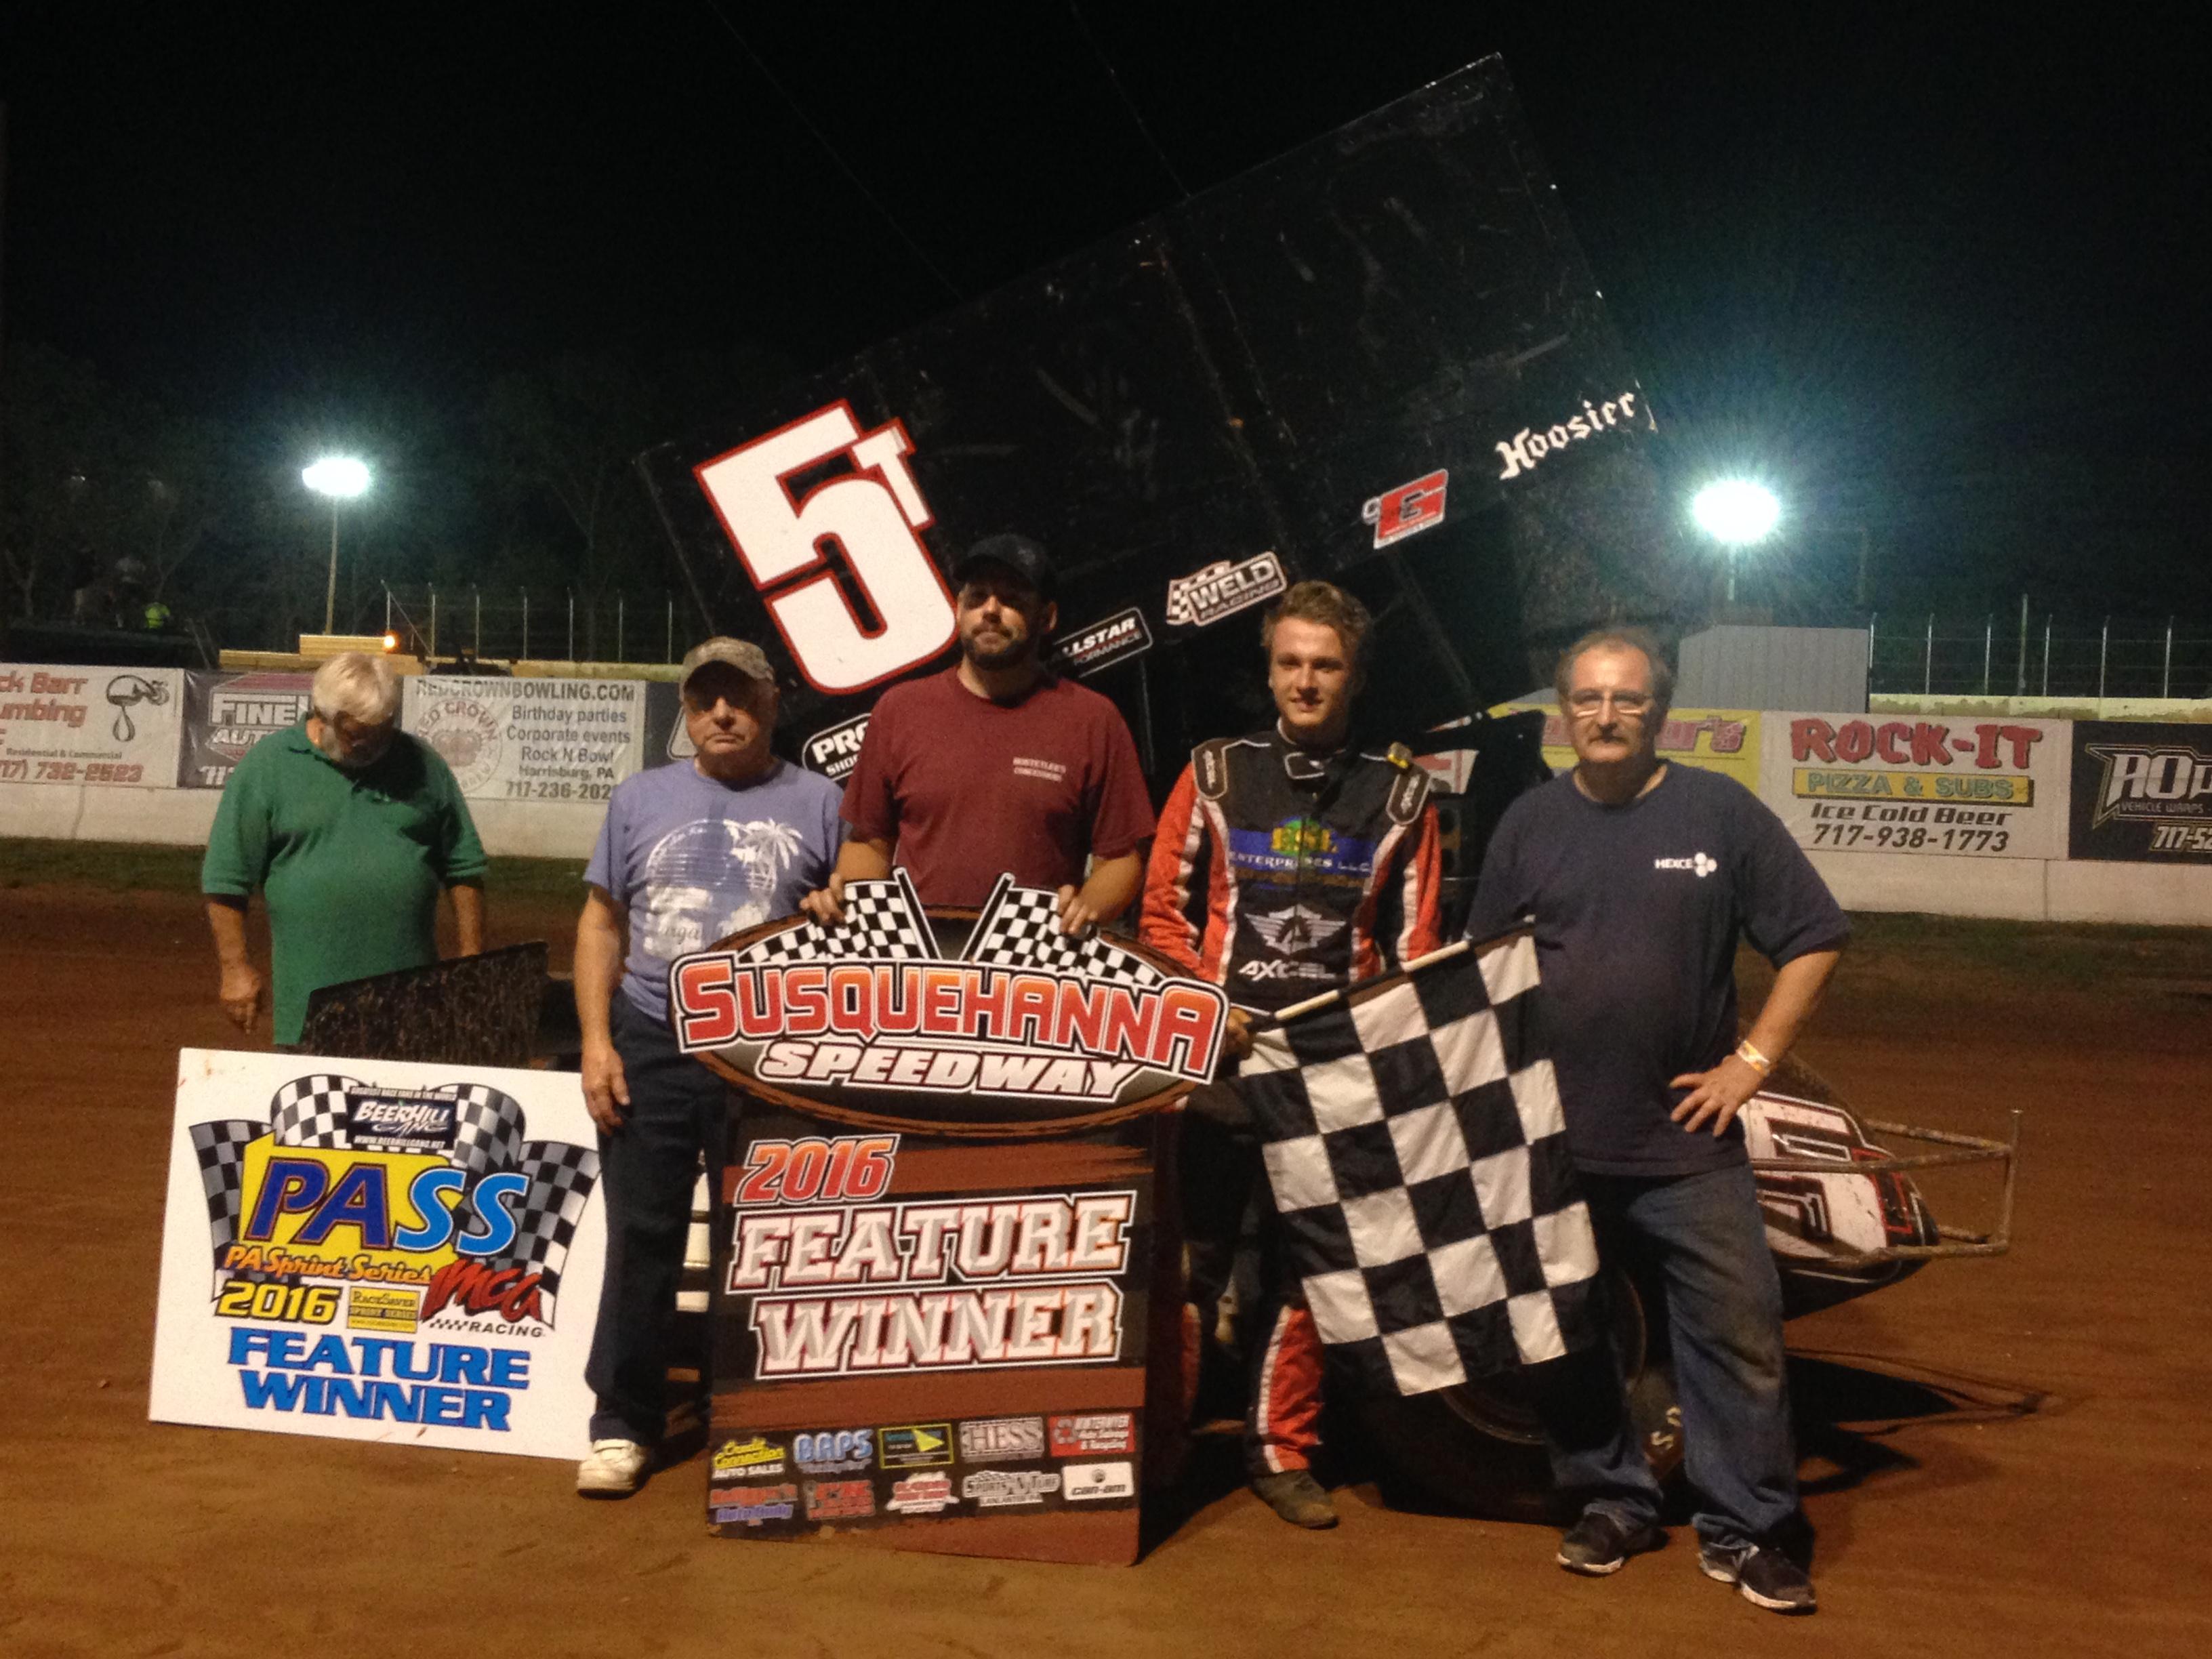 Reeser wins at PASS race, Fans raise over $2,000